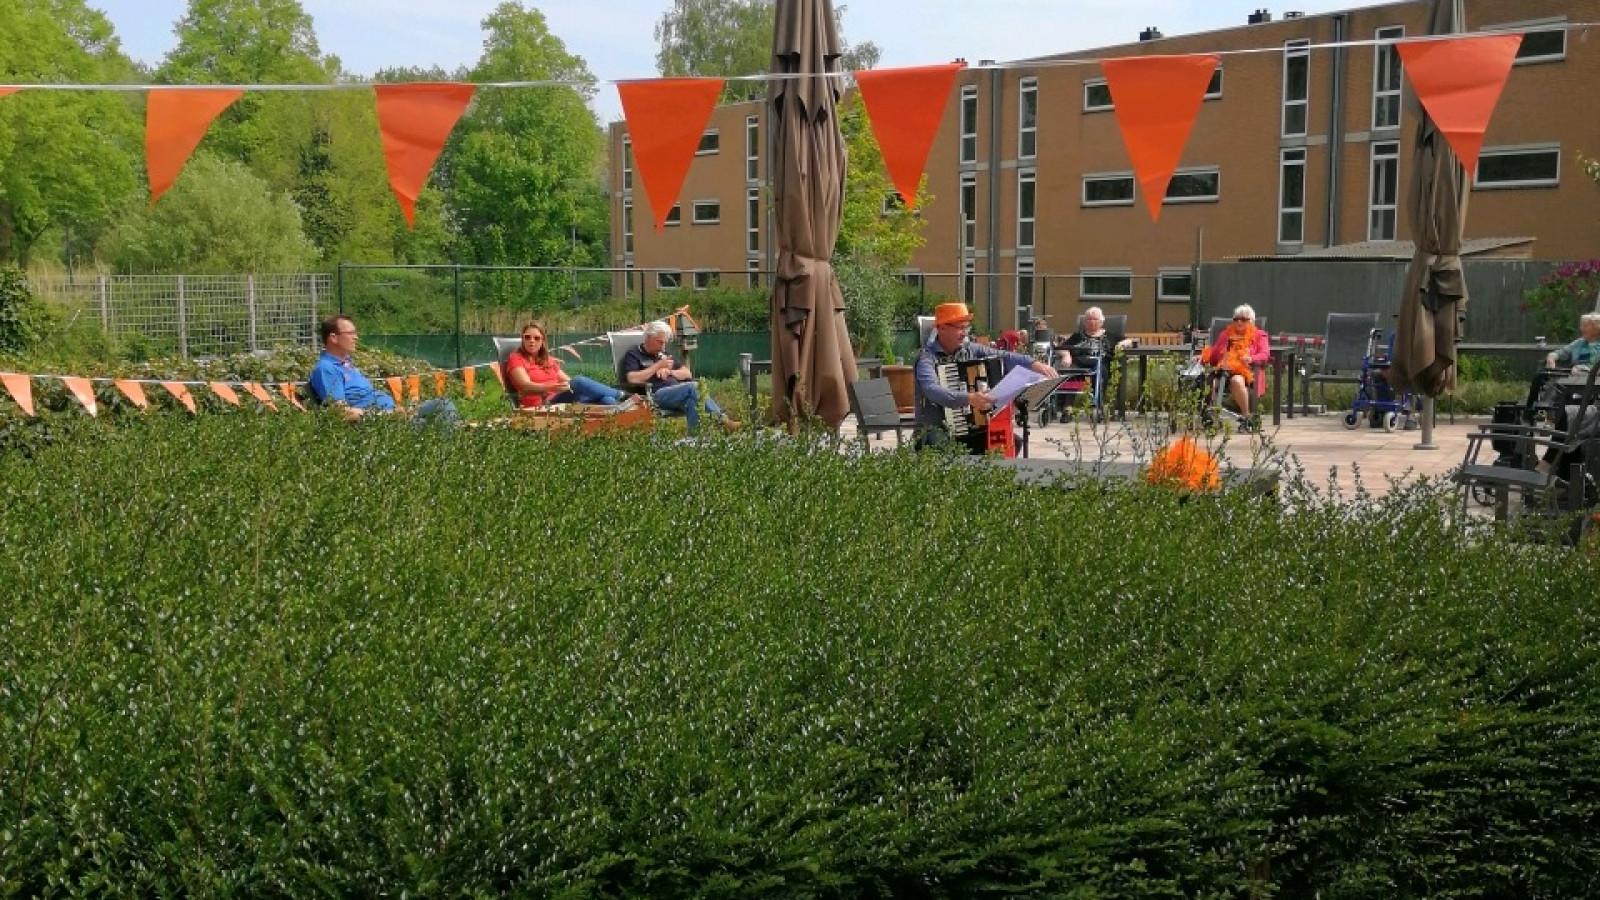 Buitenoptreden bij Oversingel in Weesp